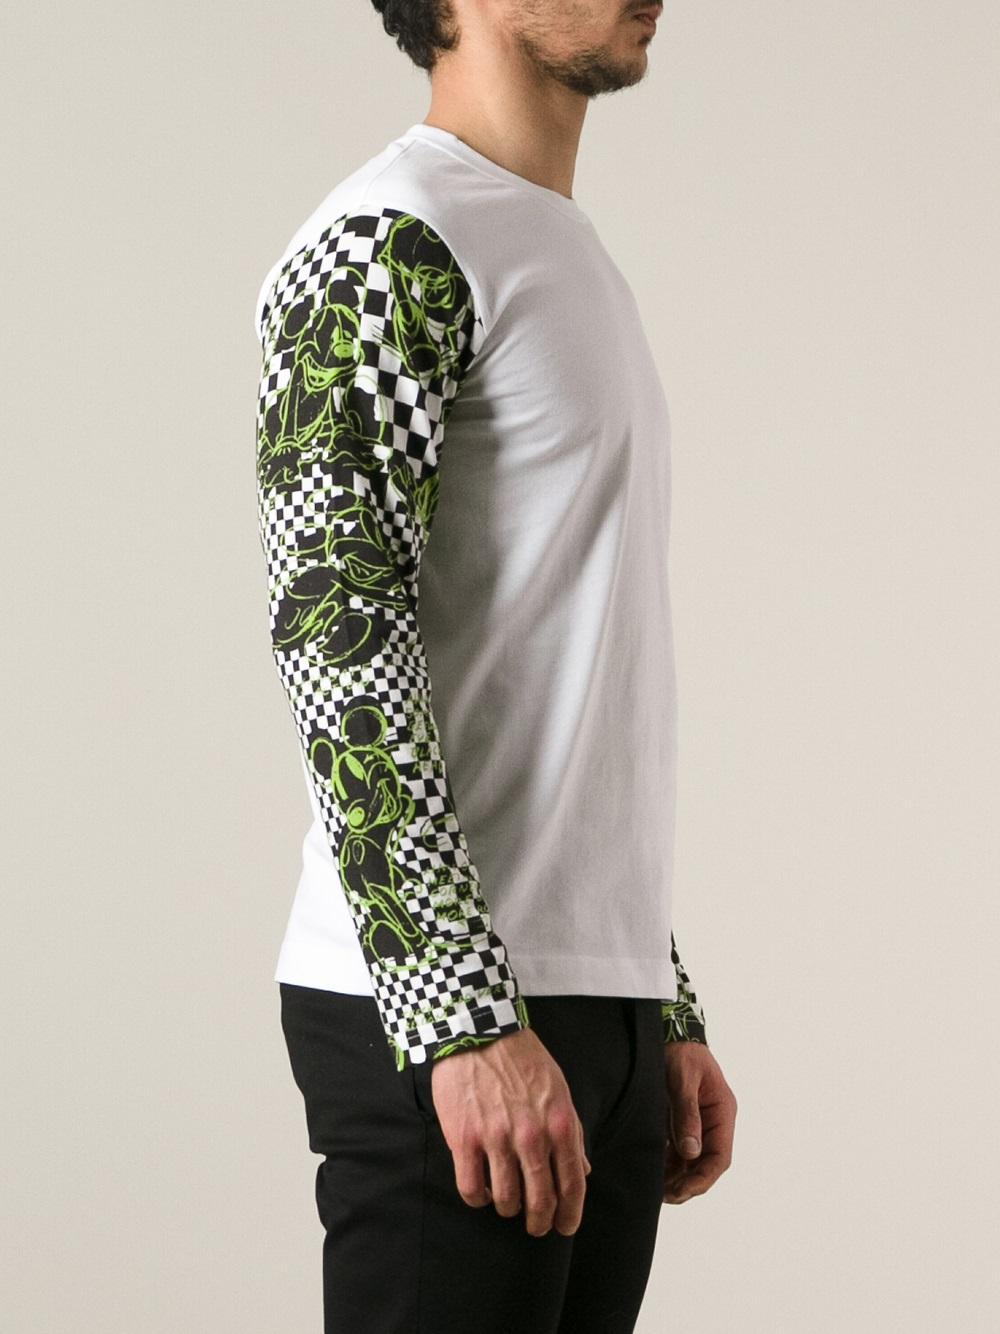 Comme des Garçons Pattern Sleeves Tshirt in White (Green) for Men